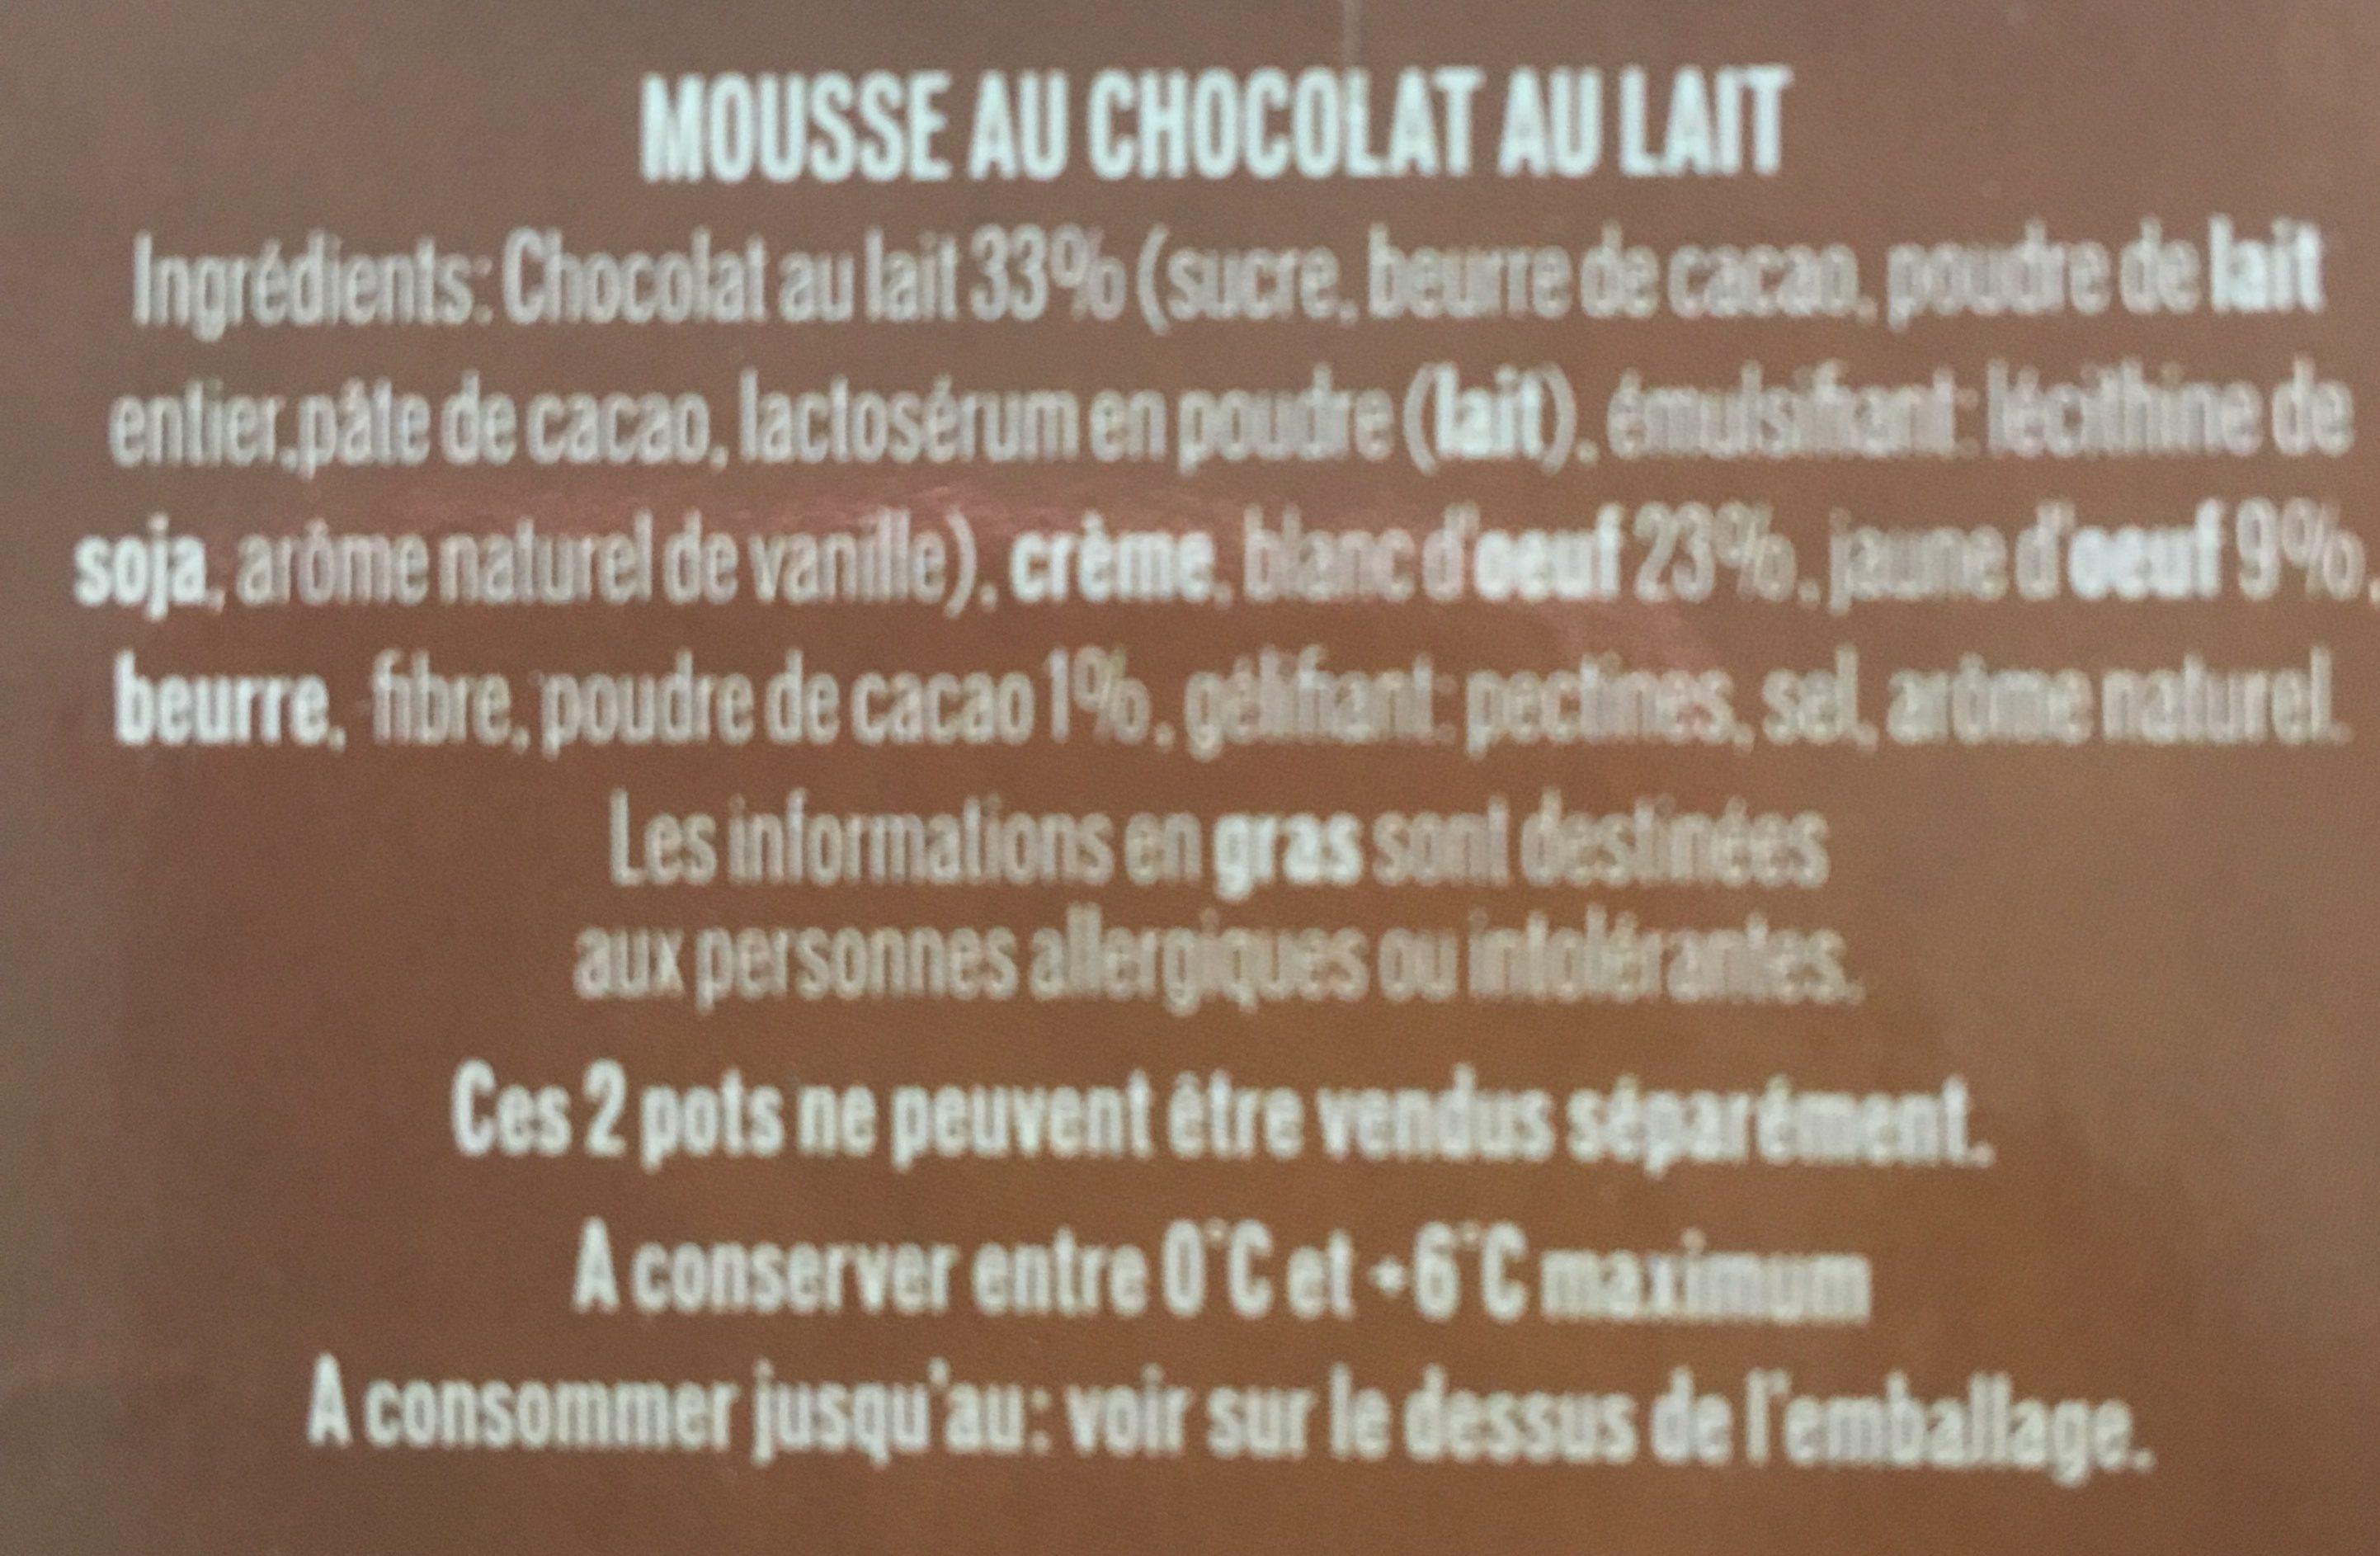 MOUSSE CHOCOLAT AU LAIT - Ingrediënten